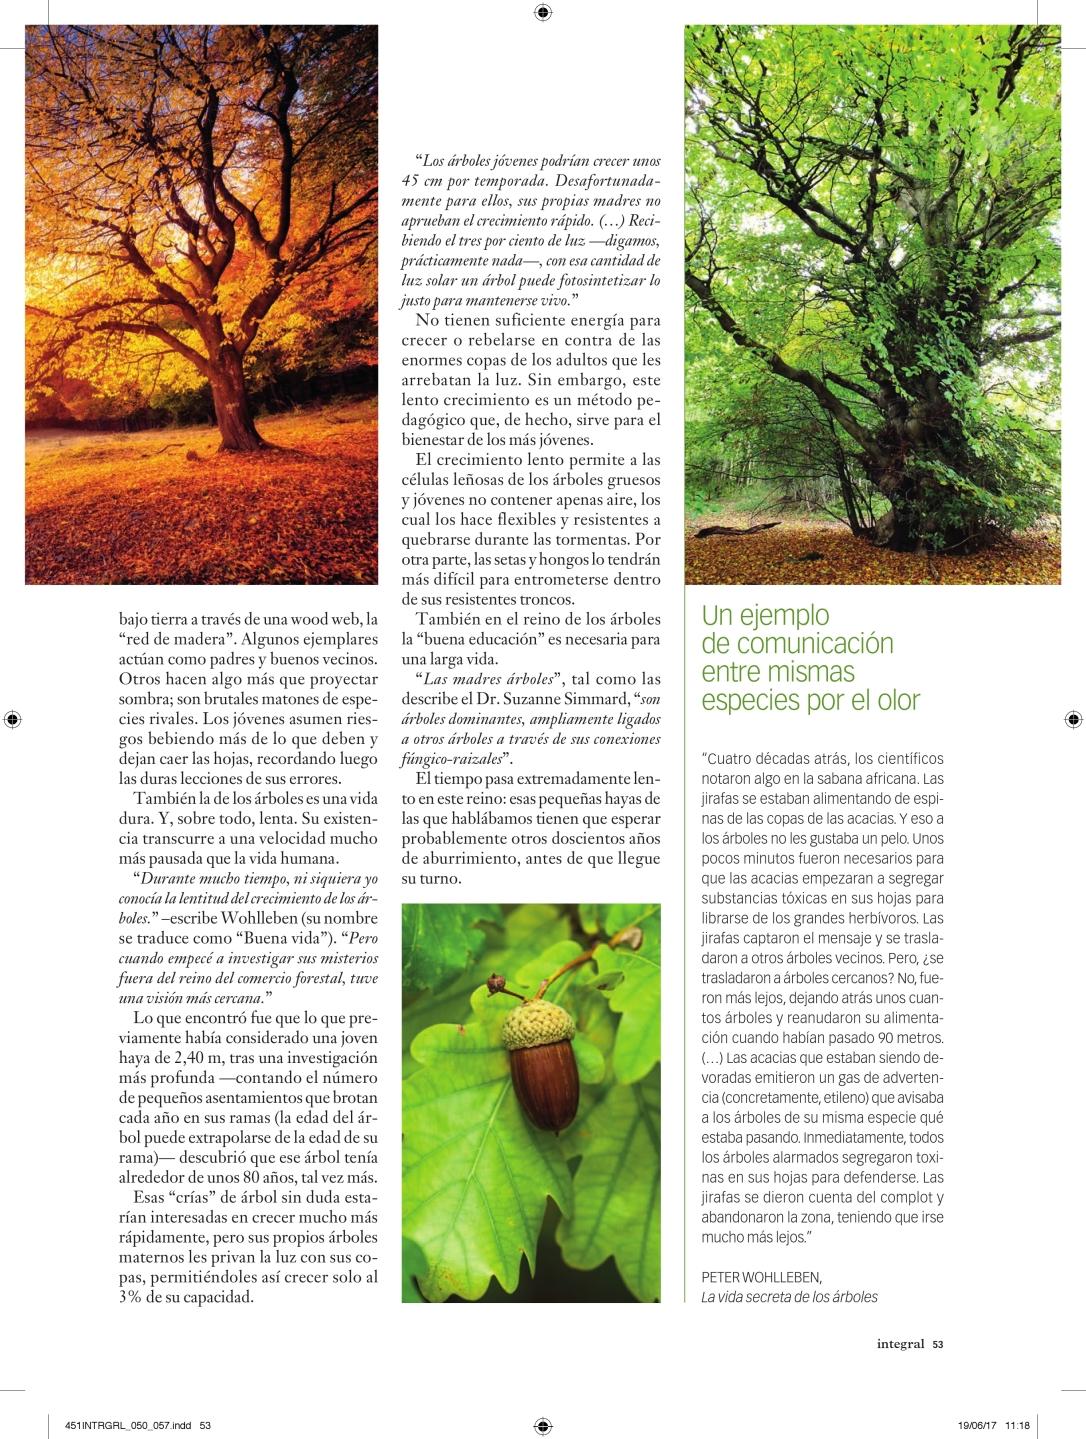 451INTRGRL_050_057_vida secreta de los árboles_000004